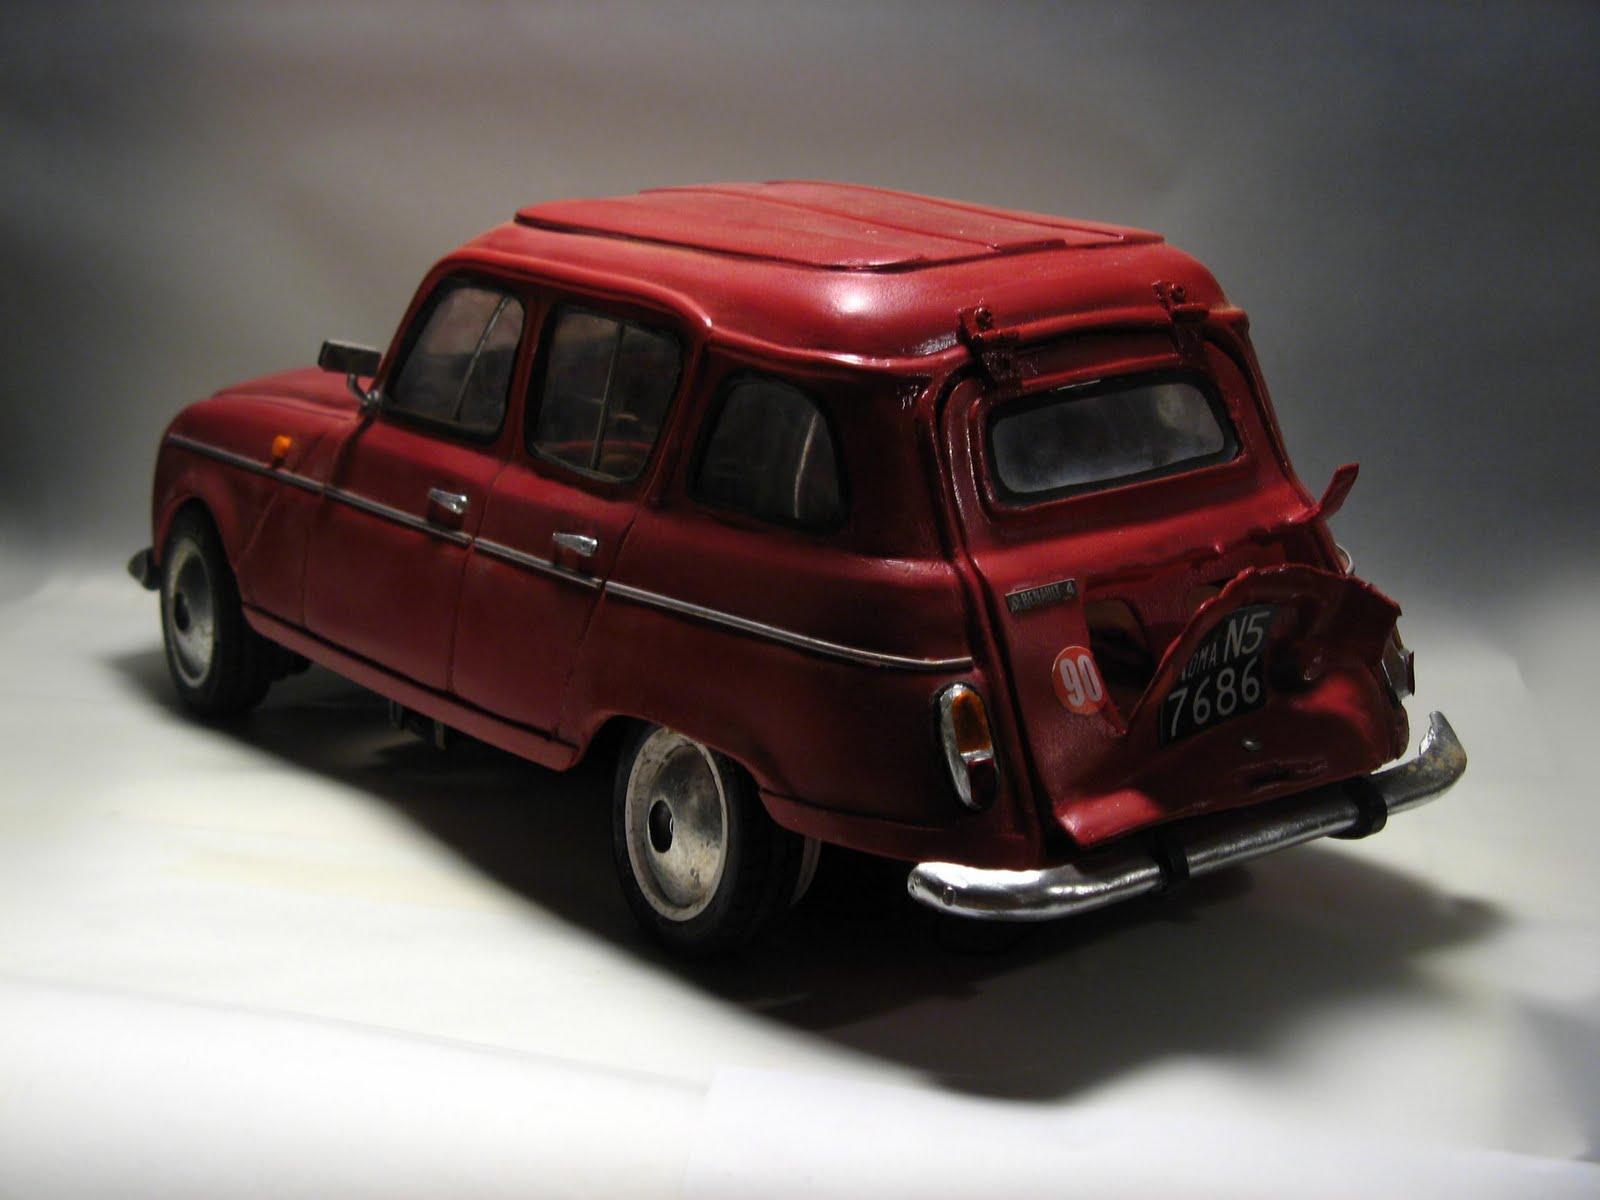 La Renault 4 di Moro  Piero Trellini